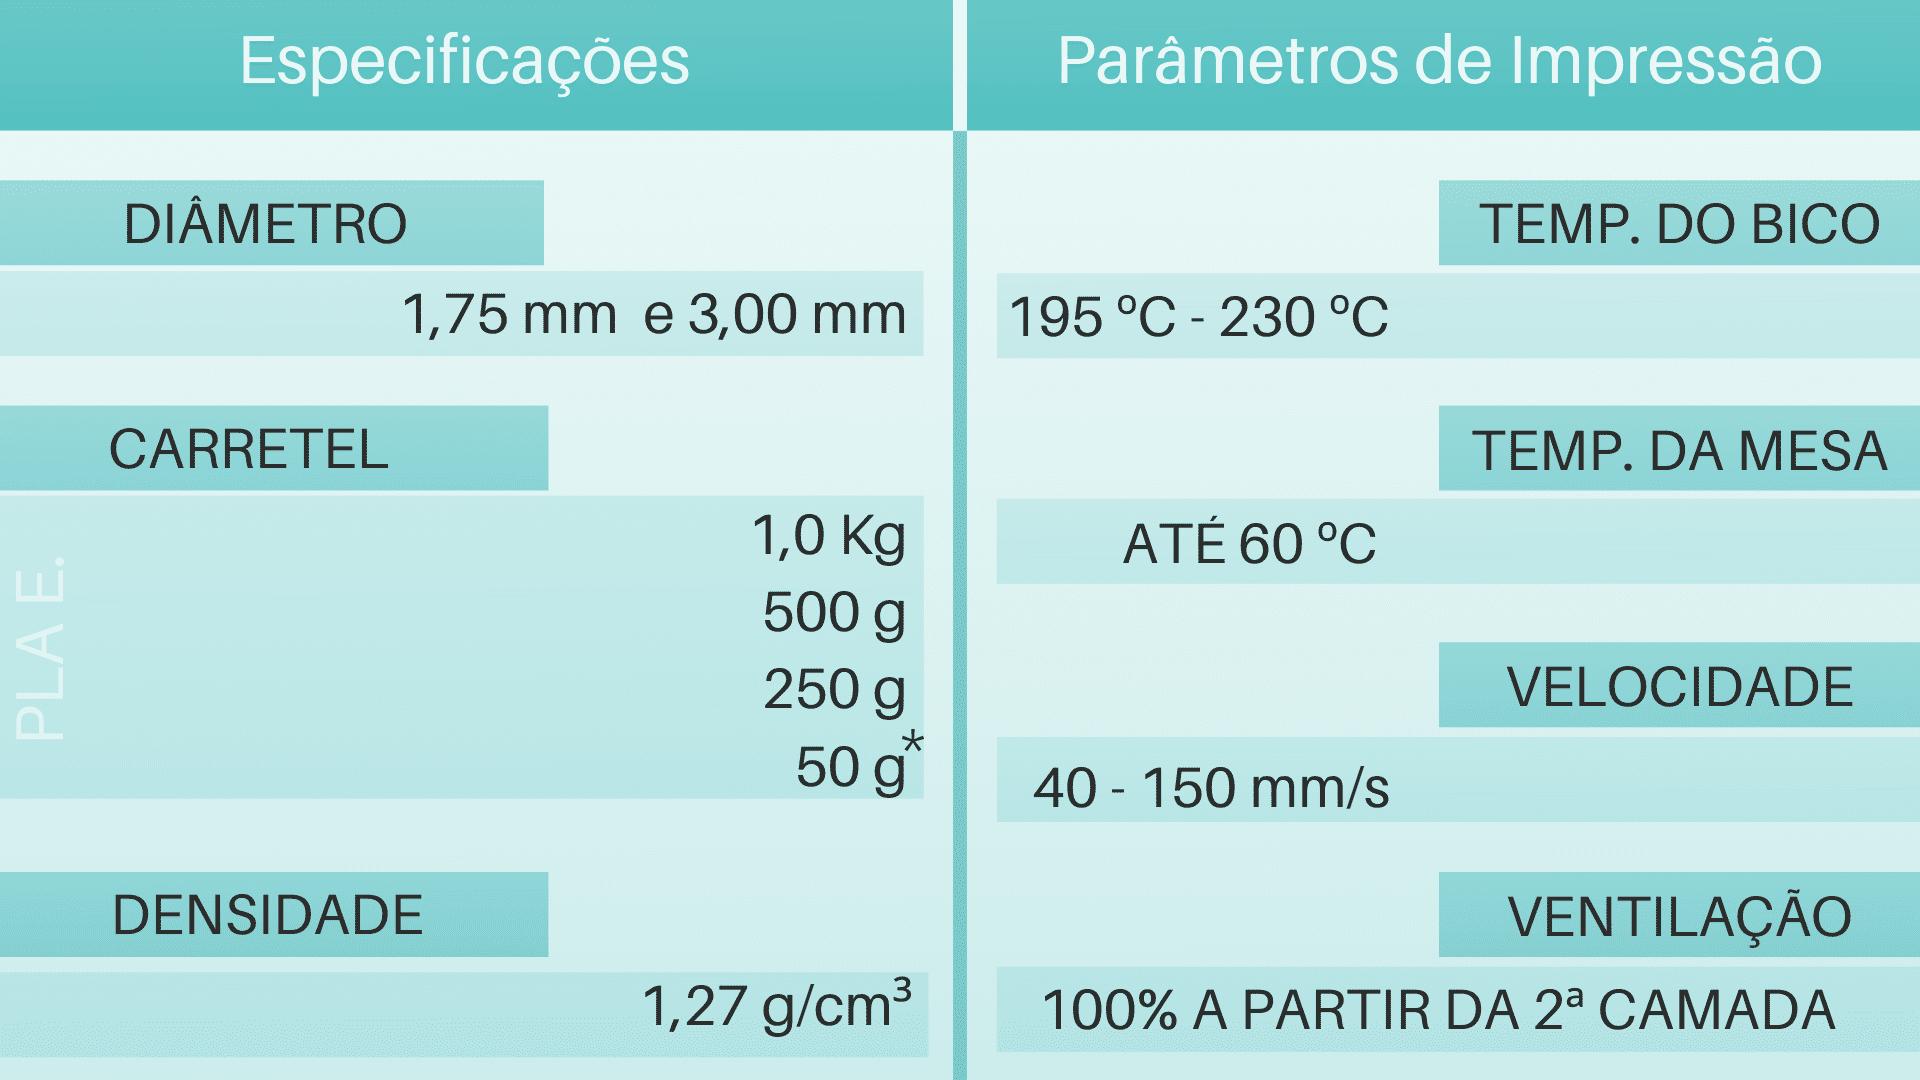 Tabela de Parâmetros e especificações do filamento 3d Pla Easyfill